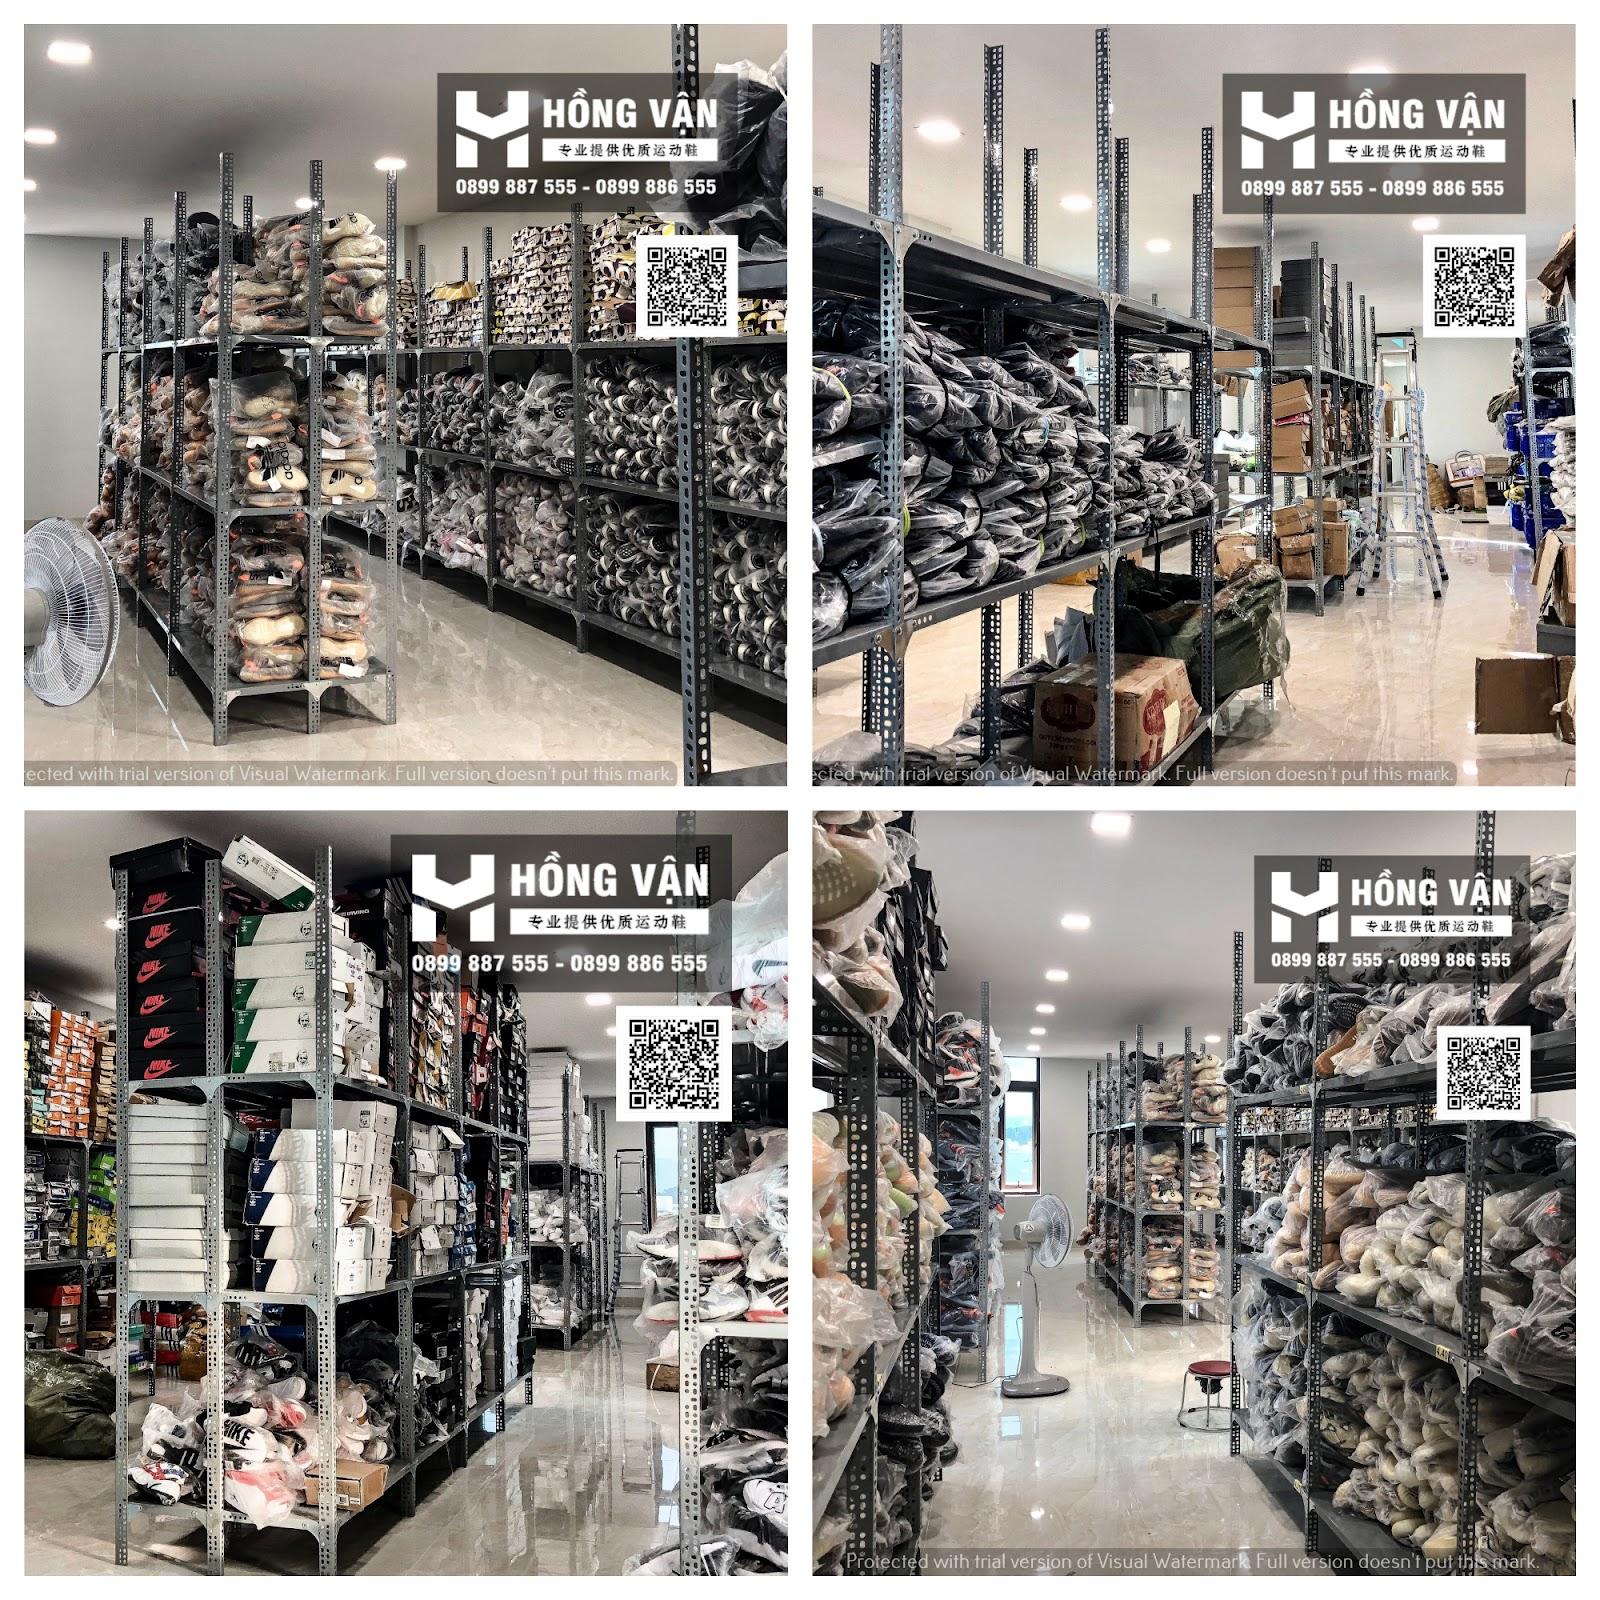 Hồng Vận - chuyên cung cấp sỉ giày thể thao uy tín chất lượng - 11